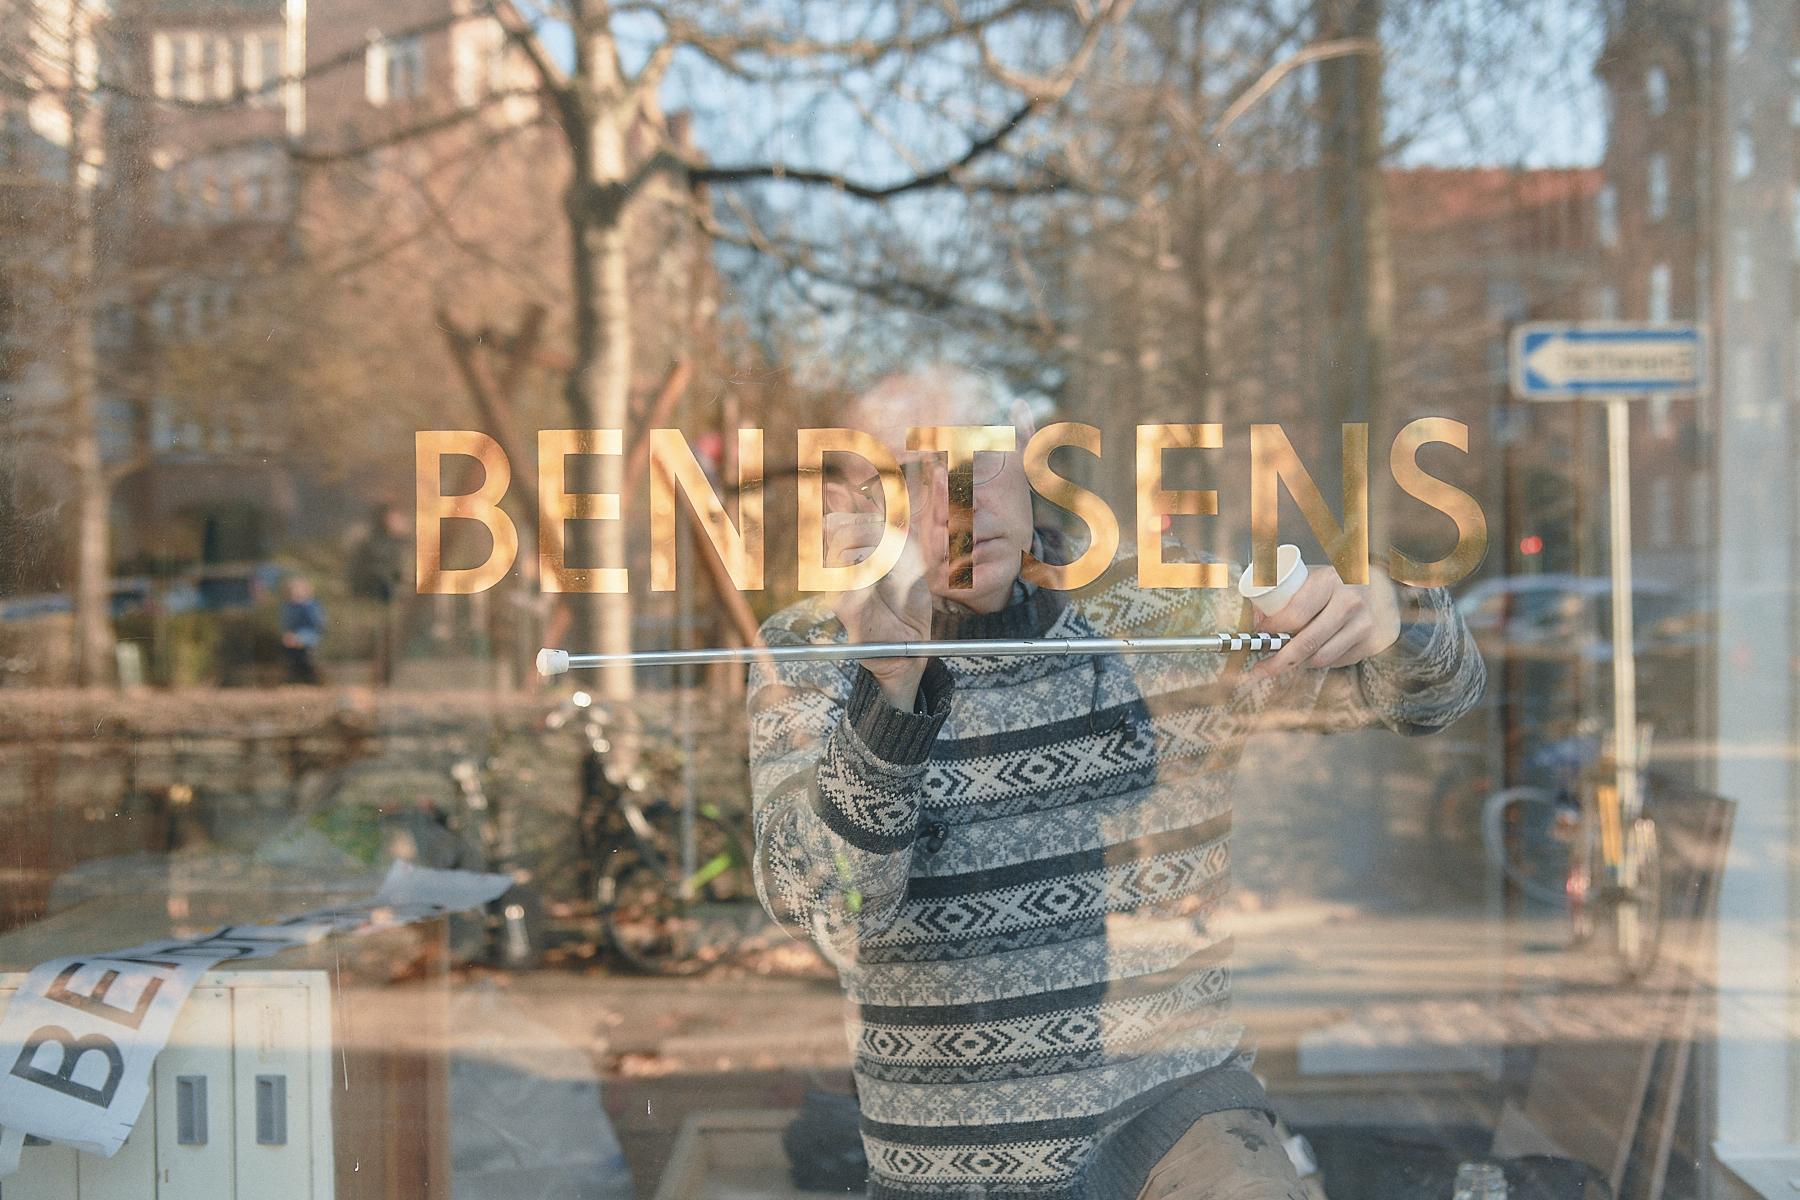 _DSF8094_copenhagen_signs_albertograsso.jpg